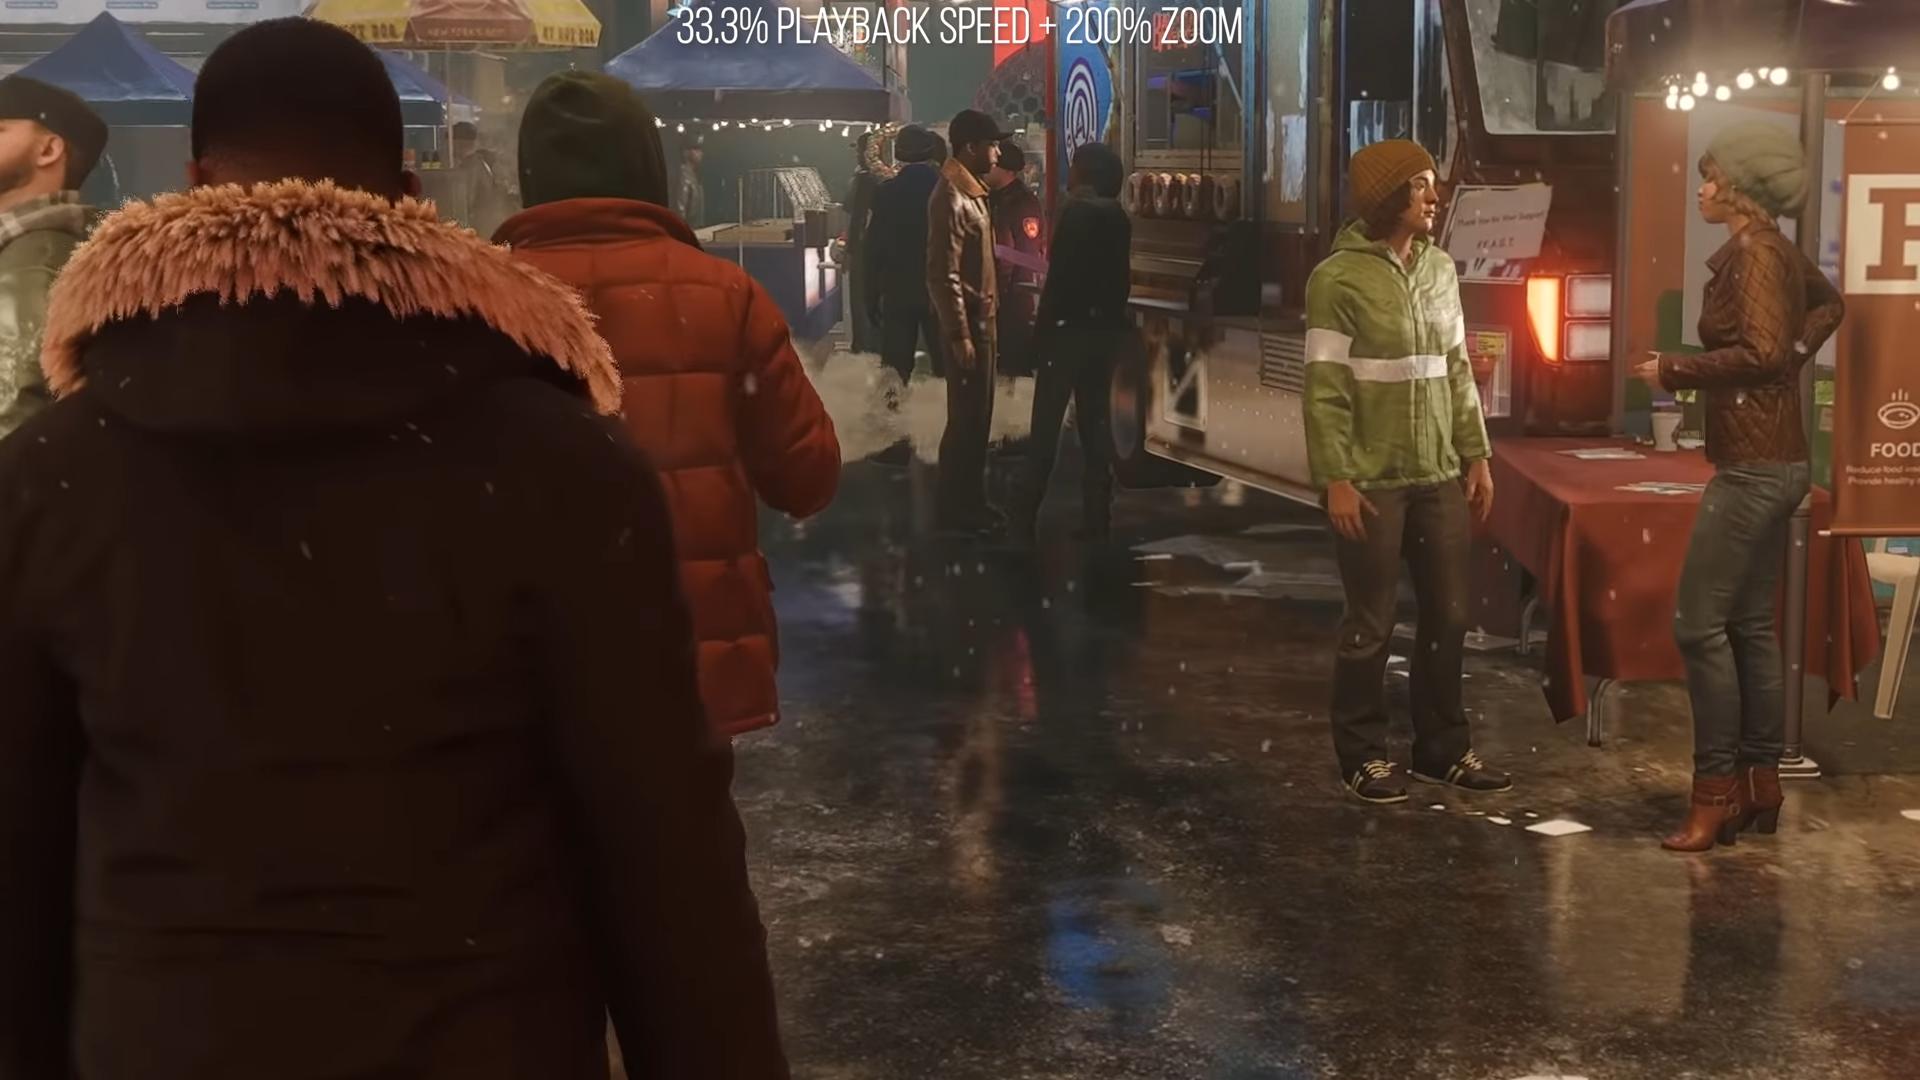 Проблемы рейтрейсинга в играх нового поколения: анализ трассировки лучей в ремастере Marvel's Spider-Man - 27